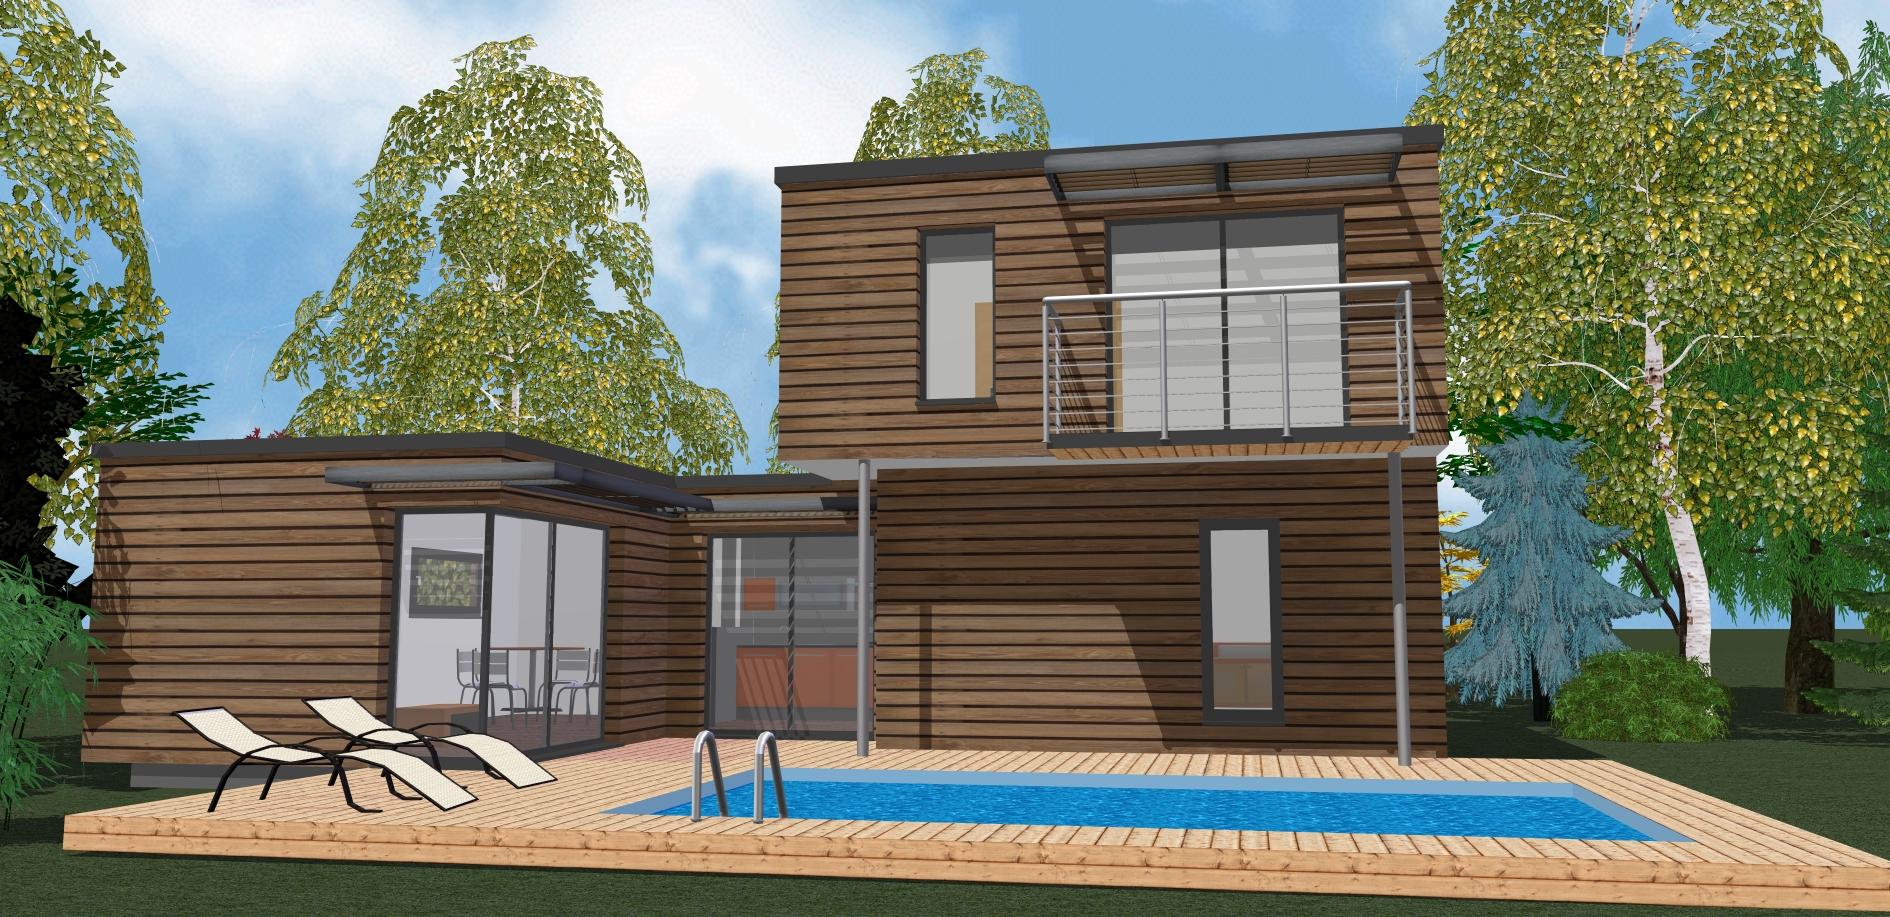 Ossature bois autoconstruction construire sa maison soi m me - Comment cambrioler une maison ...